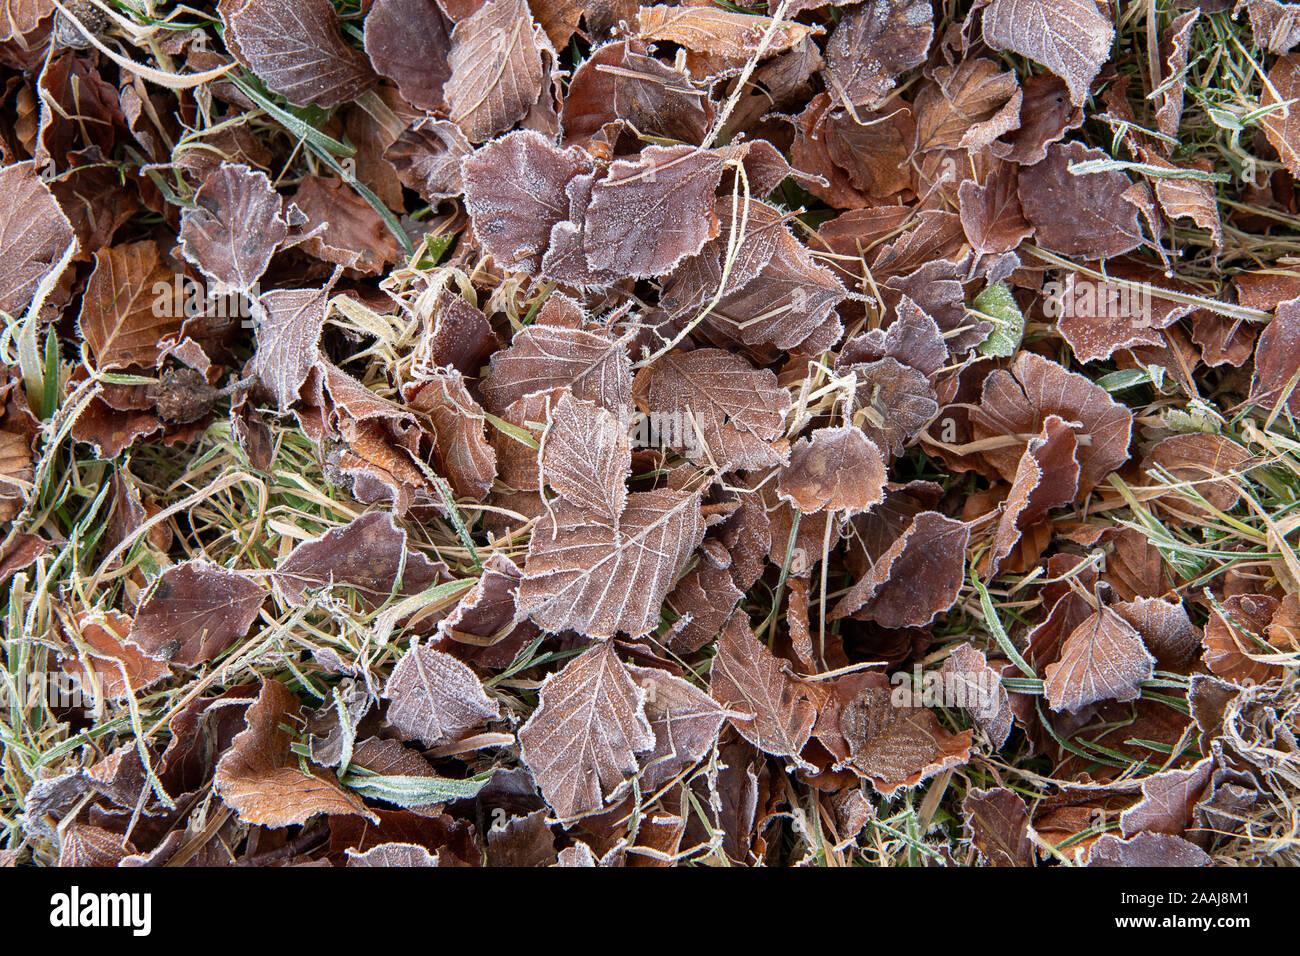 Hojas de haya en el suelo cubierto de helada hoar en una mañana de otoño tardío. North Yorkshire, Reino Unido. Foto de stock